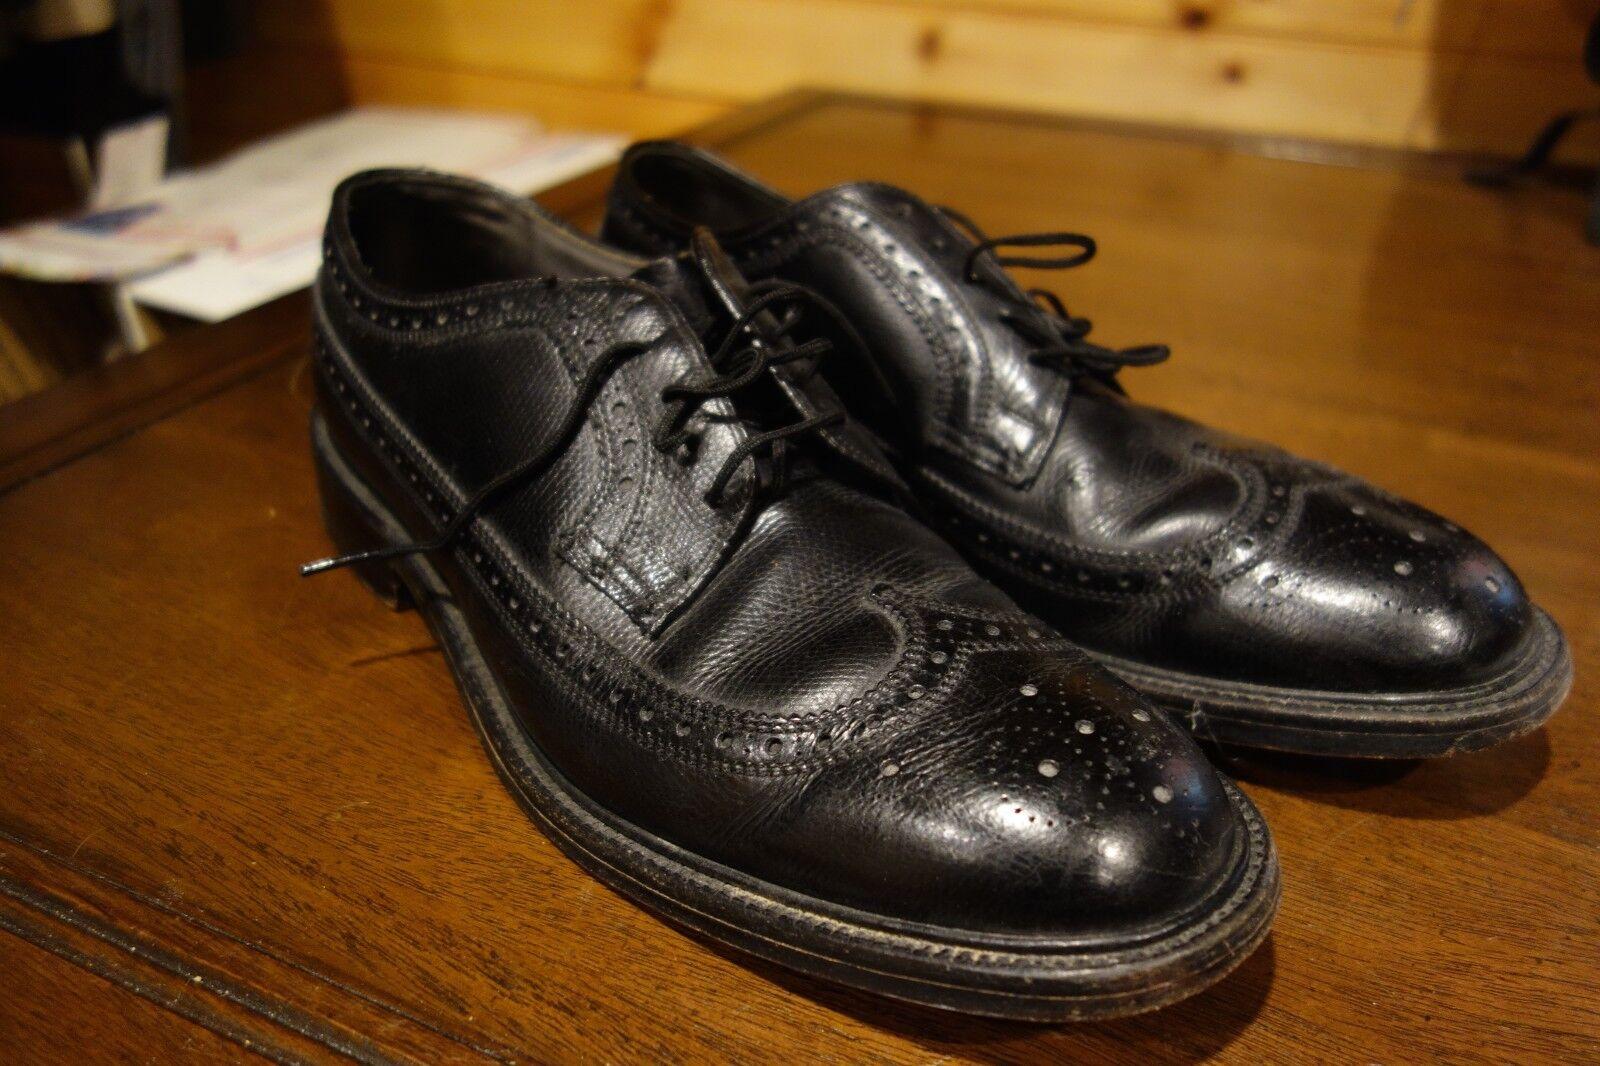 Bostonian Vintage V Cleat Noir Pebble Grain long Bout D'Aile Chaussures 10 C A USA